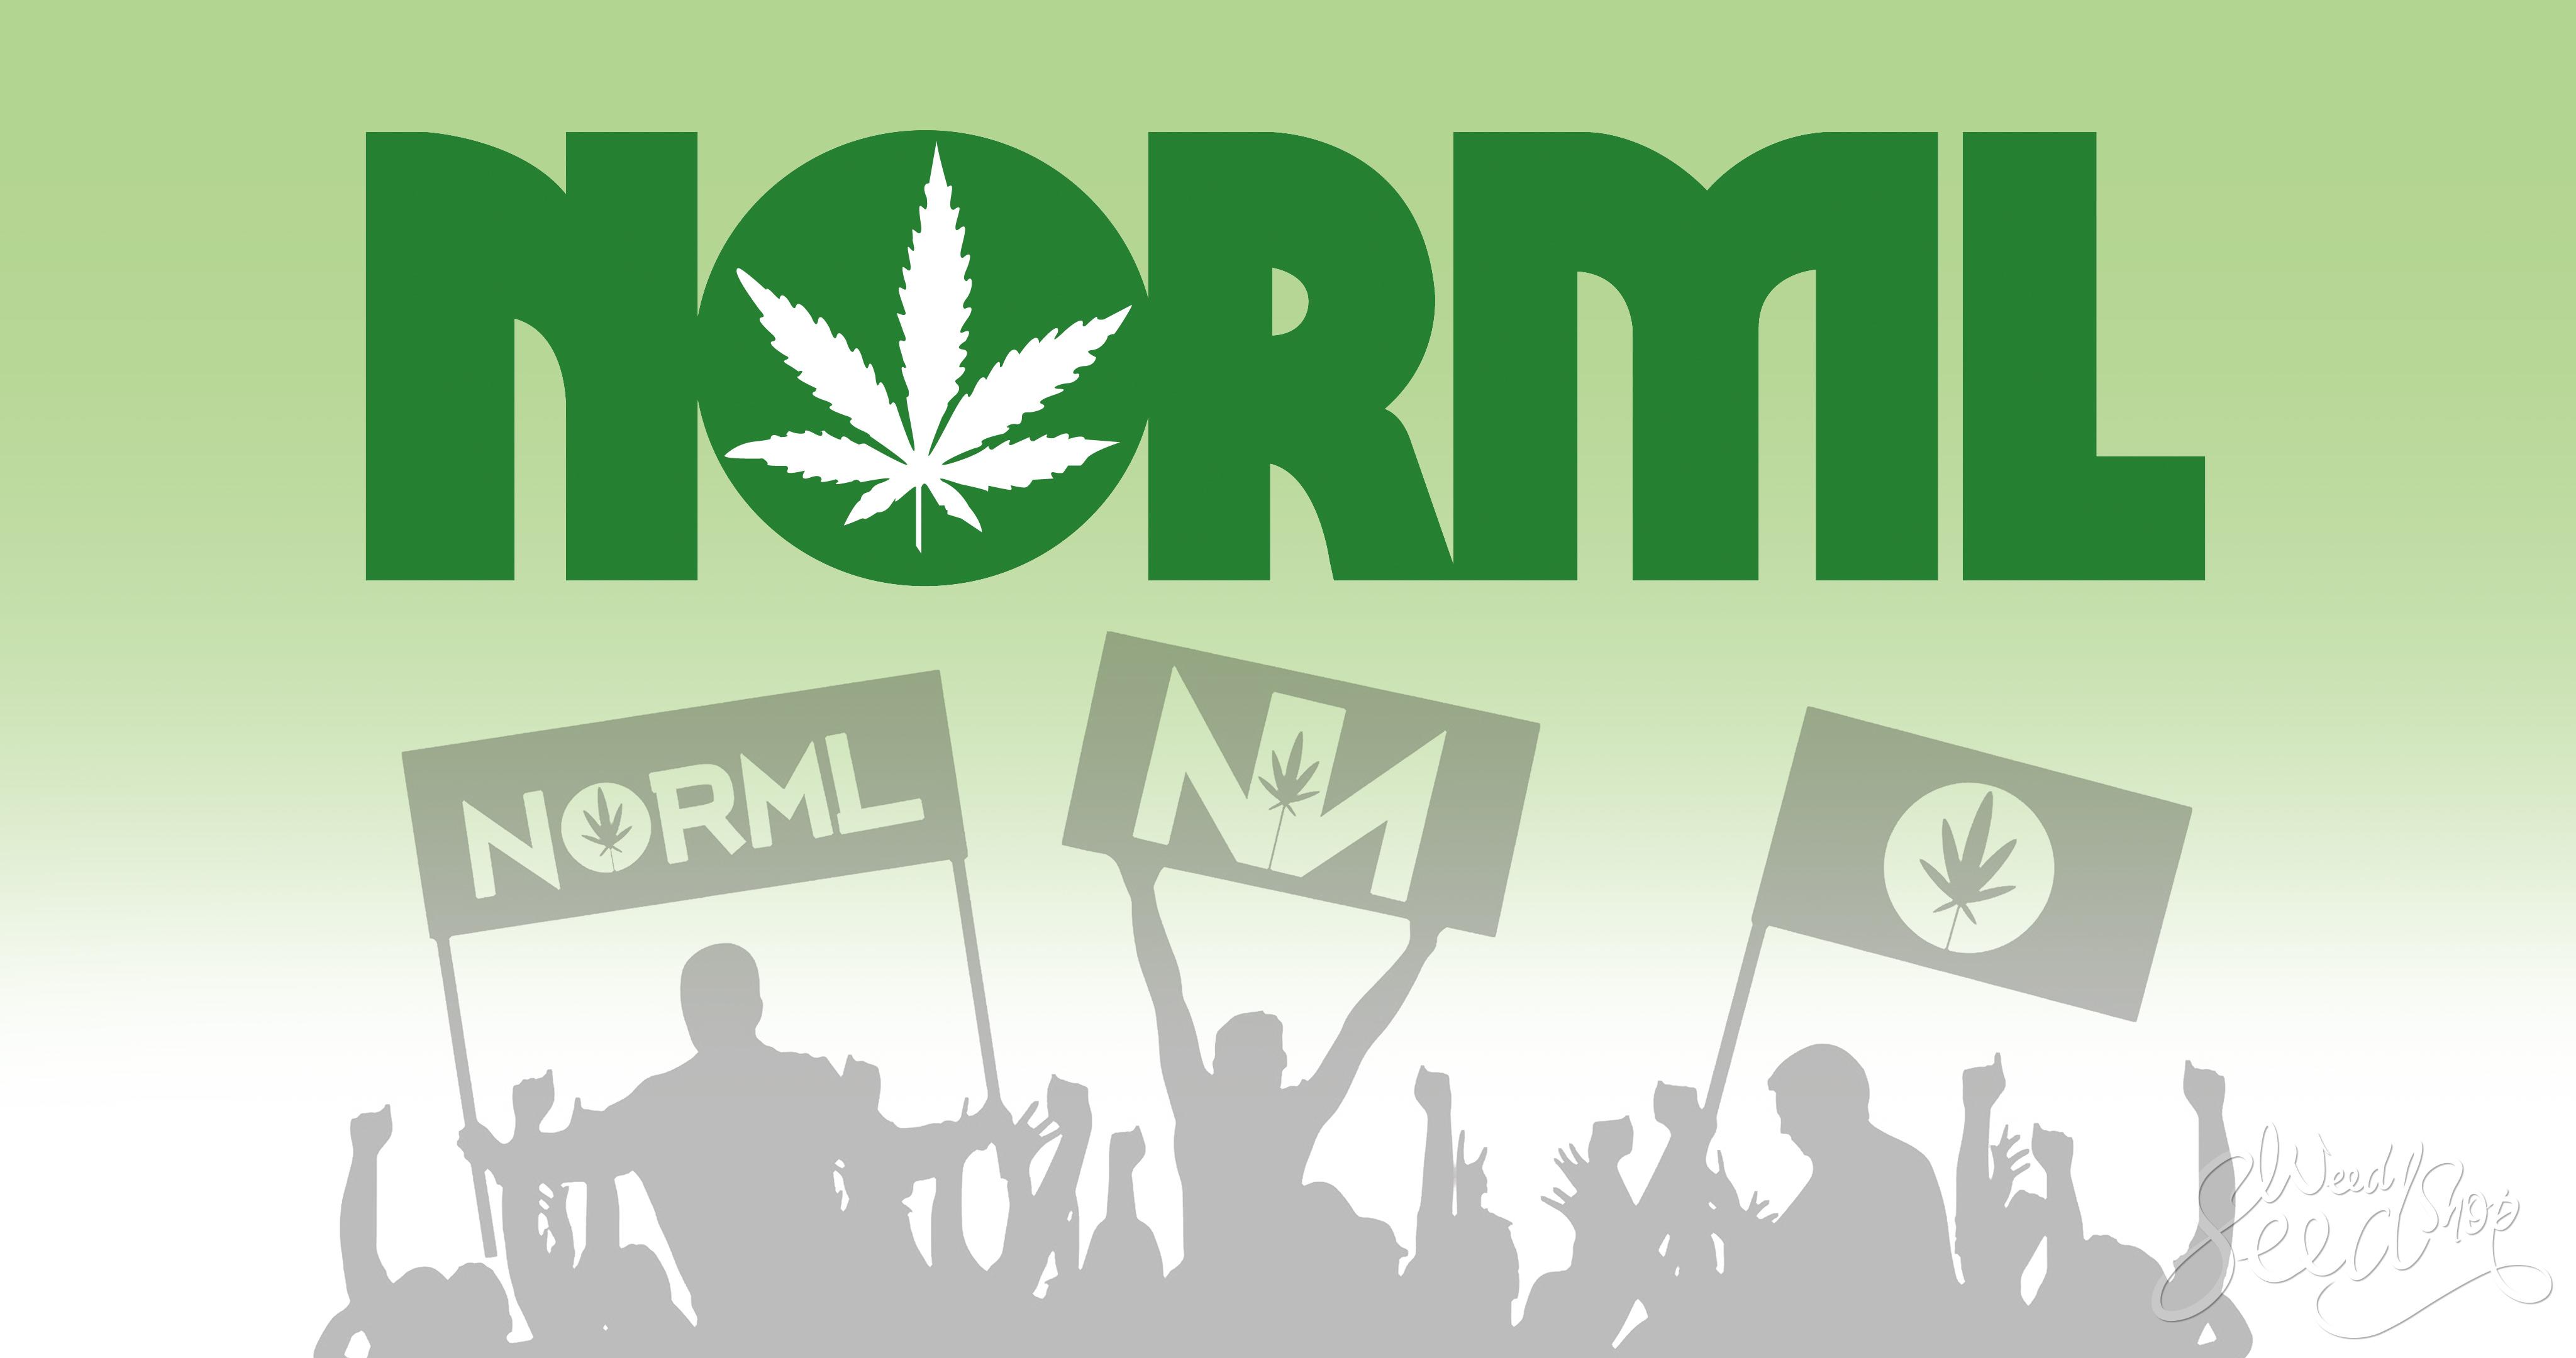 La historia e importancia de la NORML - WeedSeedShop